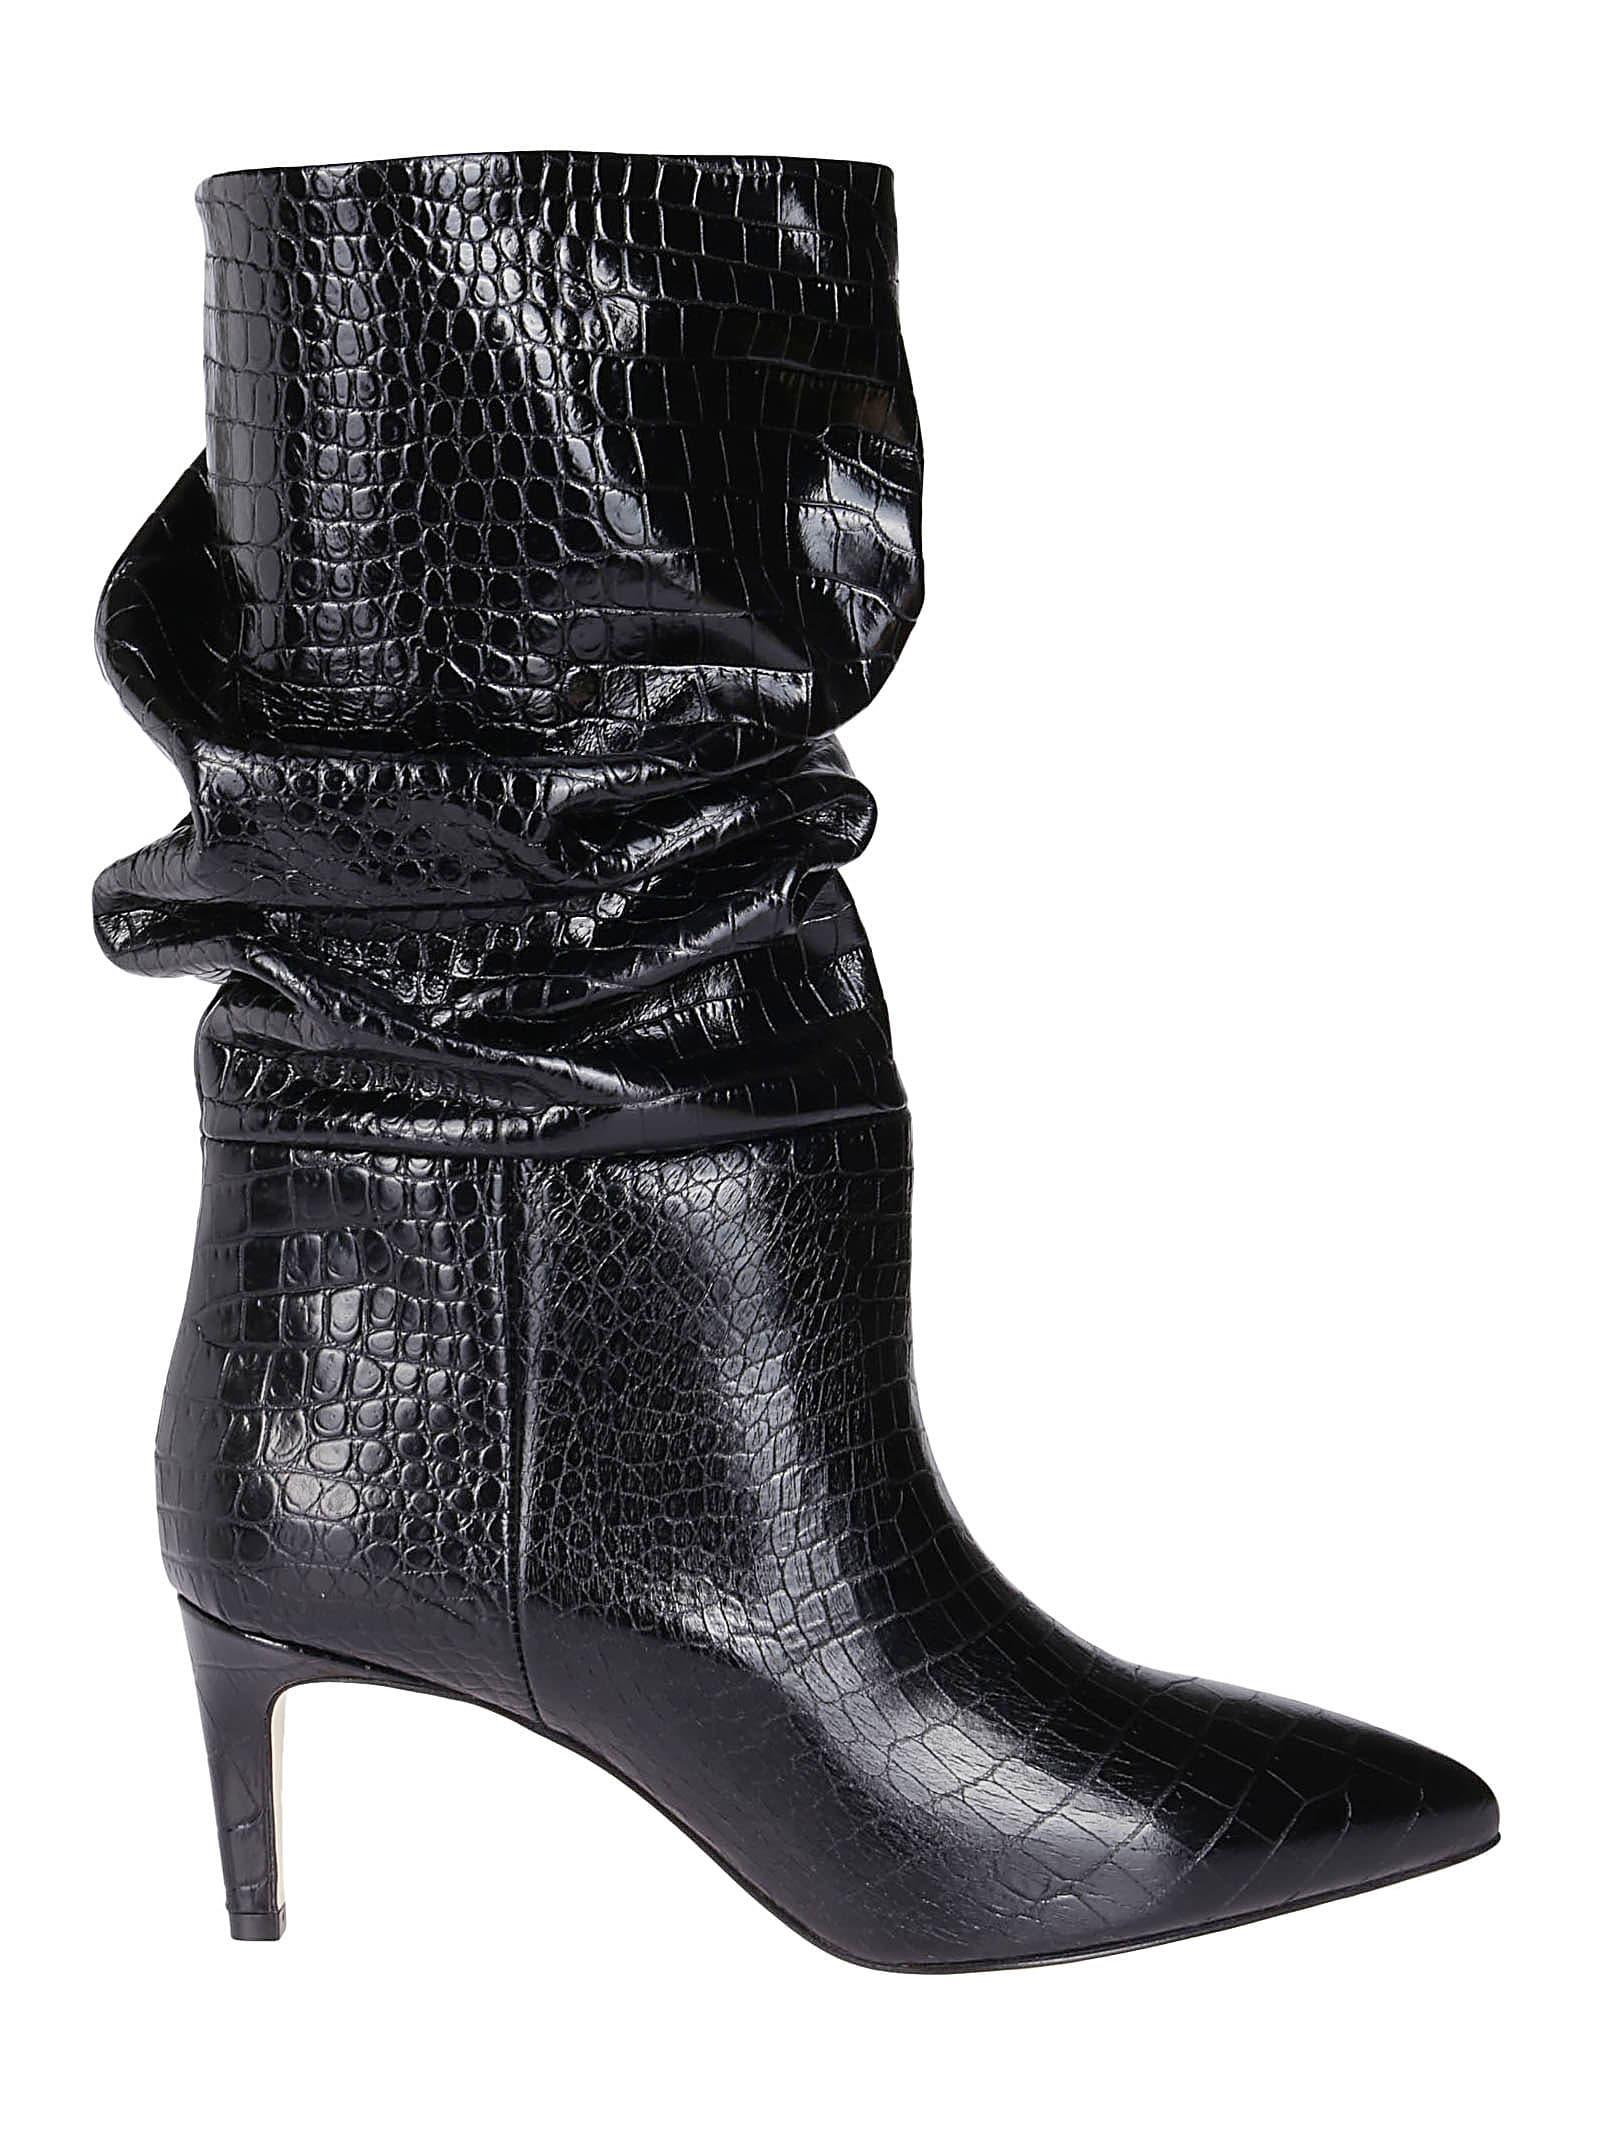 Paris Texas Black Leather Boots